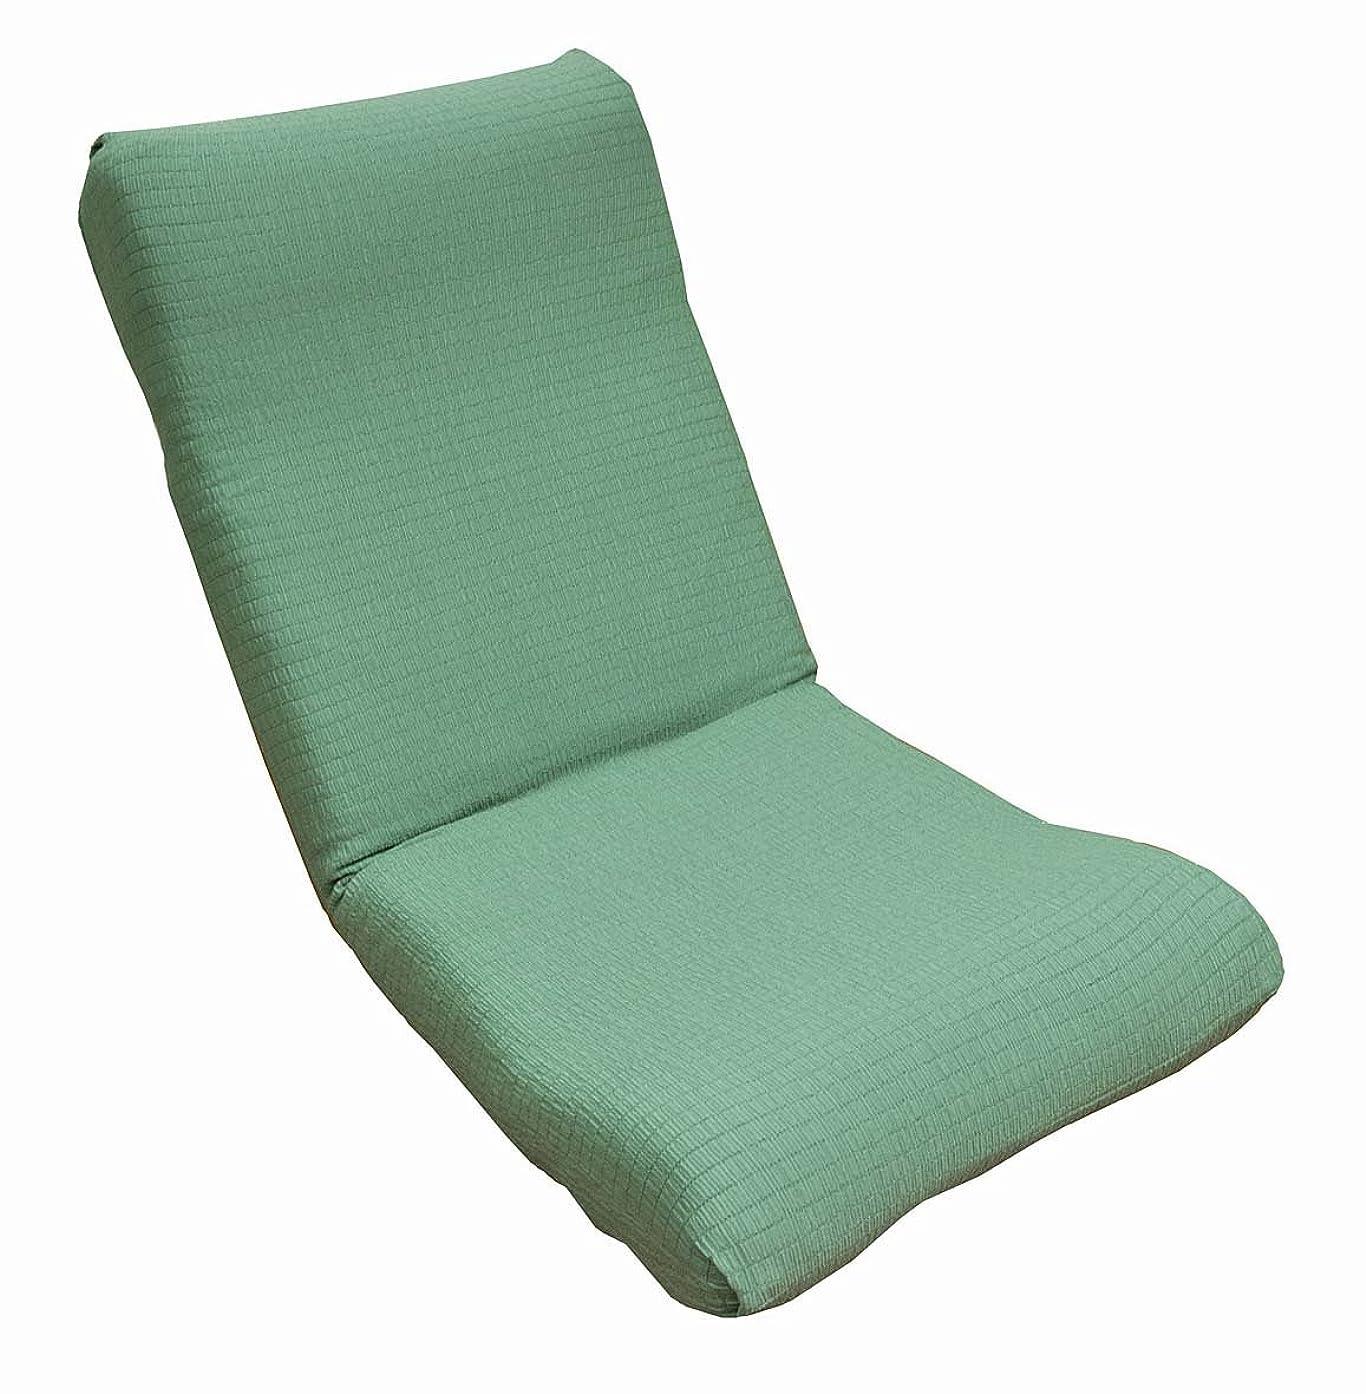 滅多植木ダーリン撥水ストレッチ座椅子カバー<ソフトグリーン> 日本製 20559ZIC-GRN